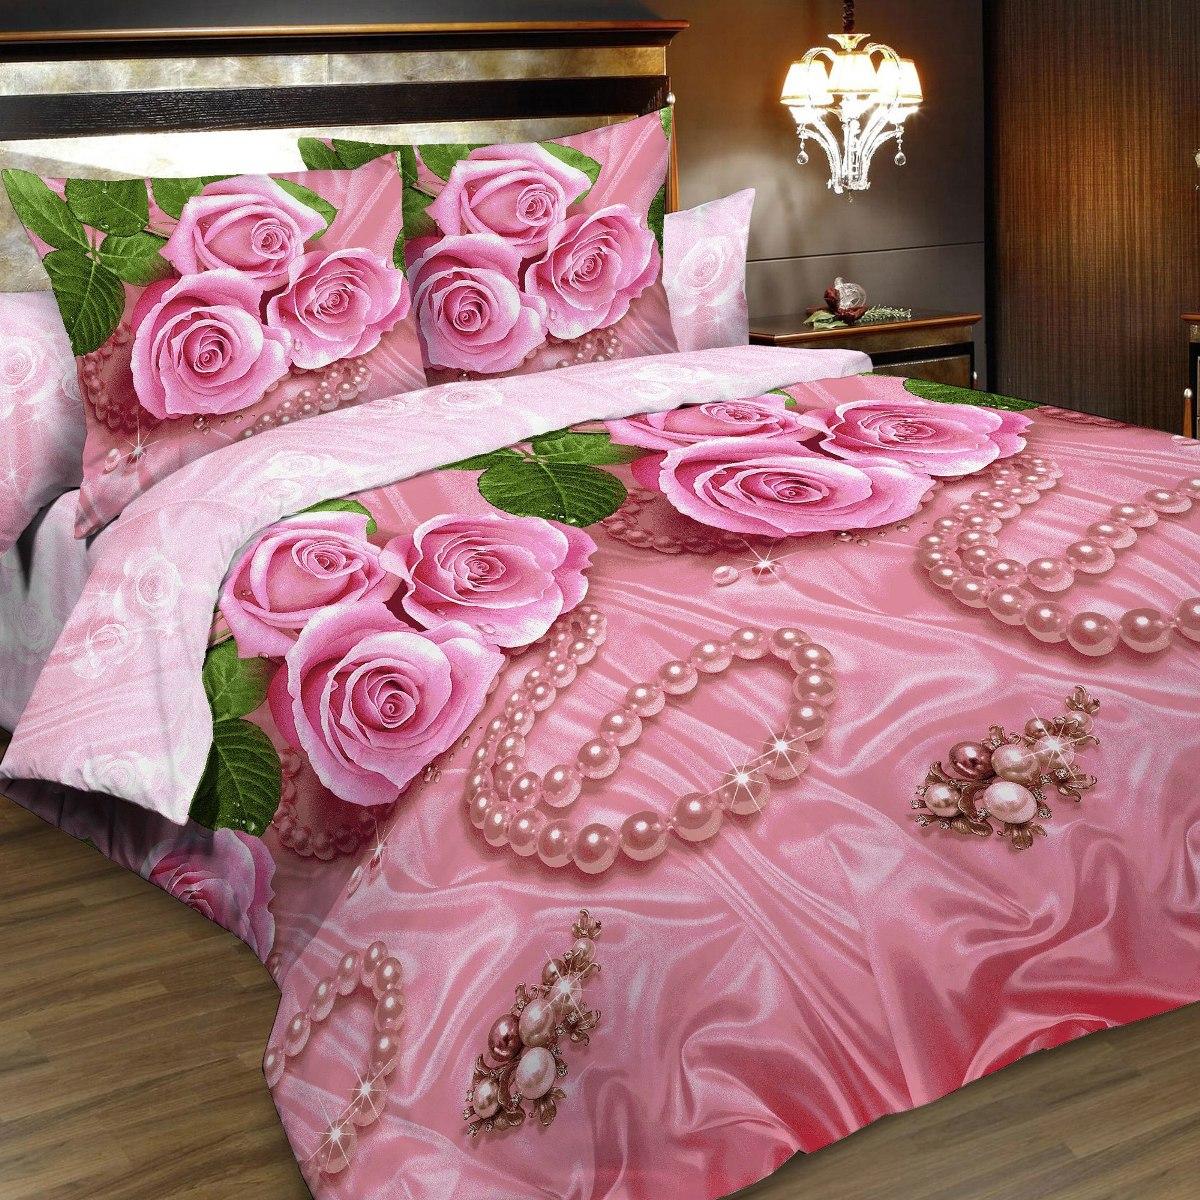 Комплект белья Letto, 2-спальный, наволочки 70х70. B161-4B161-4Комплект постельного белья Letto выполнен из классической российской бязи (хлопка). Комплект состоит из пододеяльника, простыни и двух наволочек. Постельное белье, оформленное ярким цветочным 3D изображением, имеет изысканный внешний вид. Пододеяльник снабжен молнией. Благодаря такому комплекту постельного белья вы сможете создать атмосферу роскоши и романтики в вашей спальне. Уважаемые клиенты! Обращаем ваше внимание на тот факт, что расцветка наволочек может отличаться от представленной на фото.